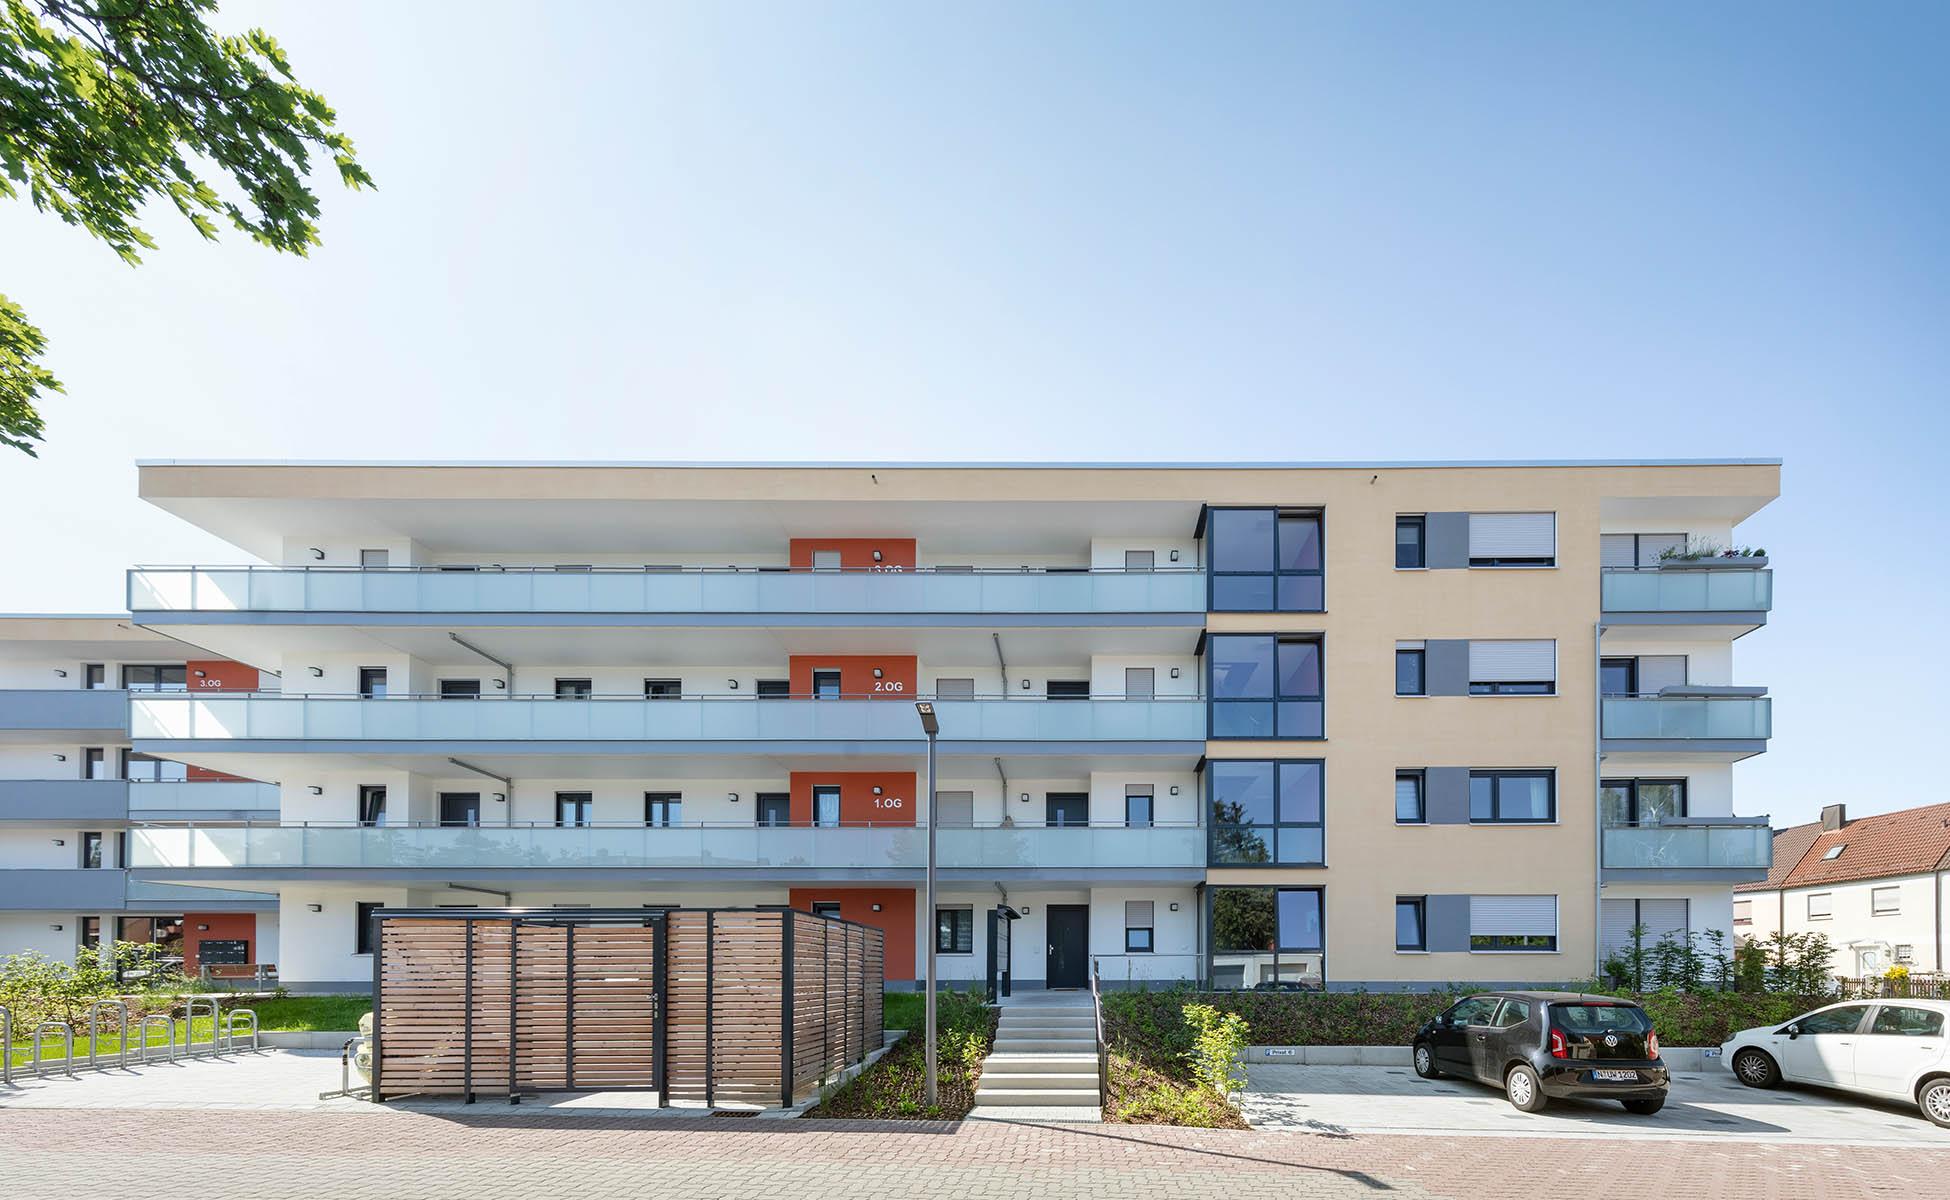 Projekt - Wohnanlage am Hainberg